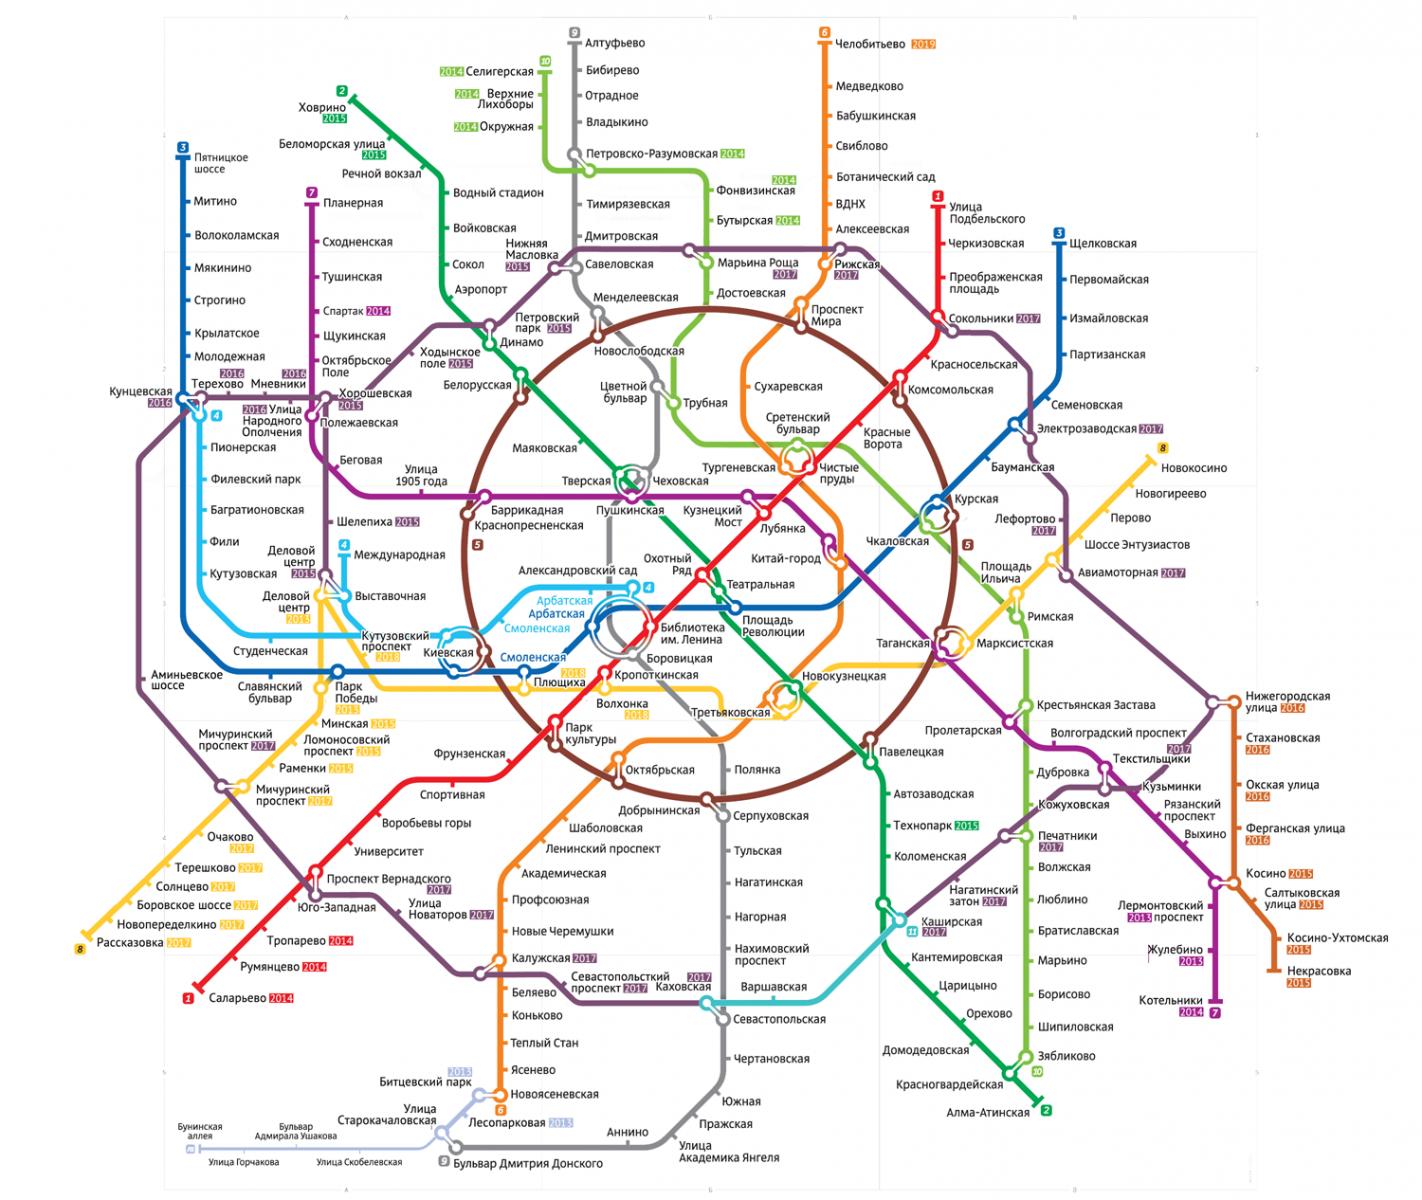 Москва схема движения метро фото 338